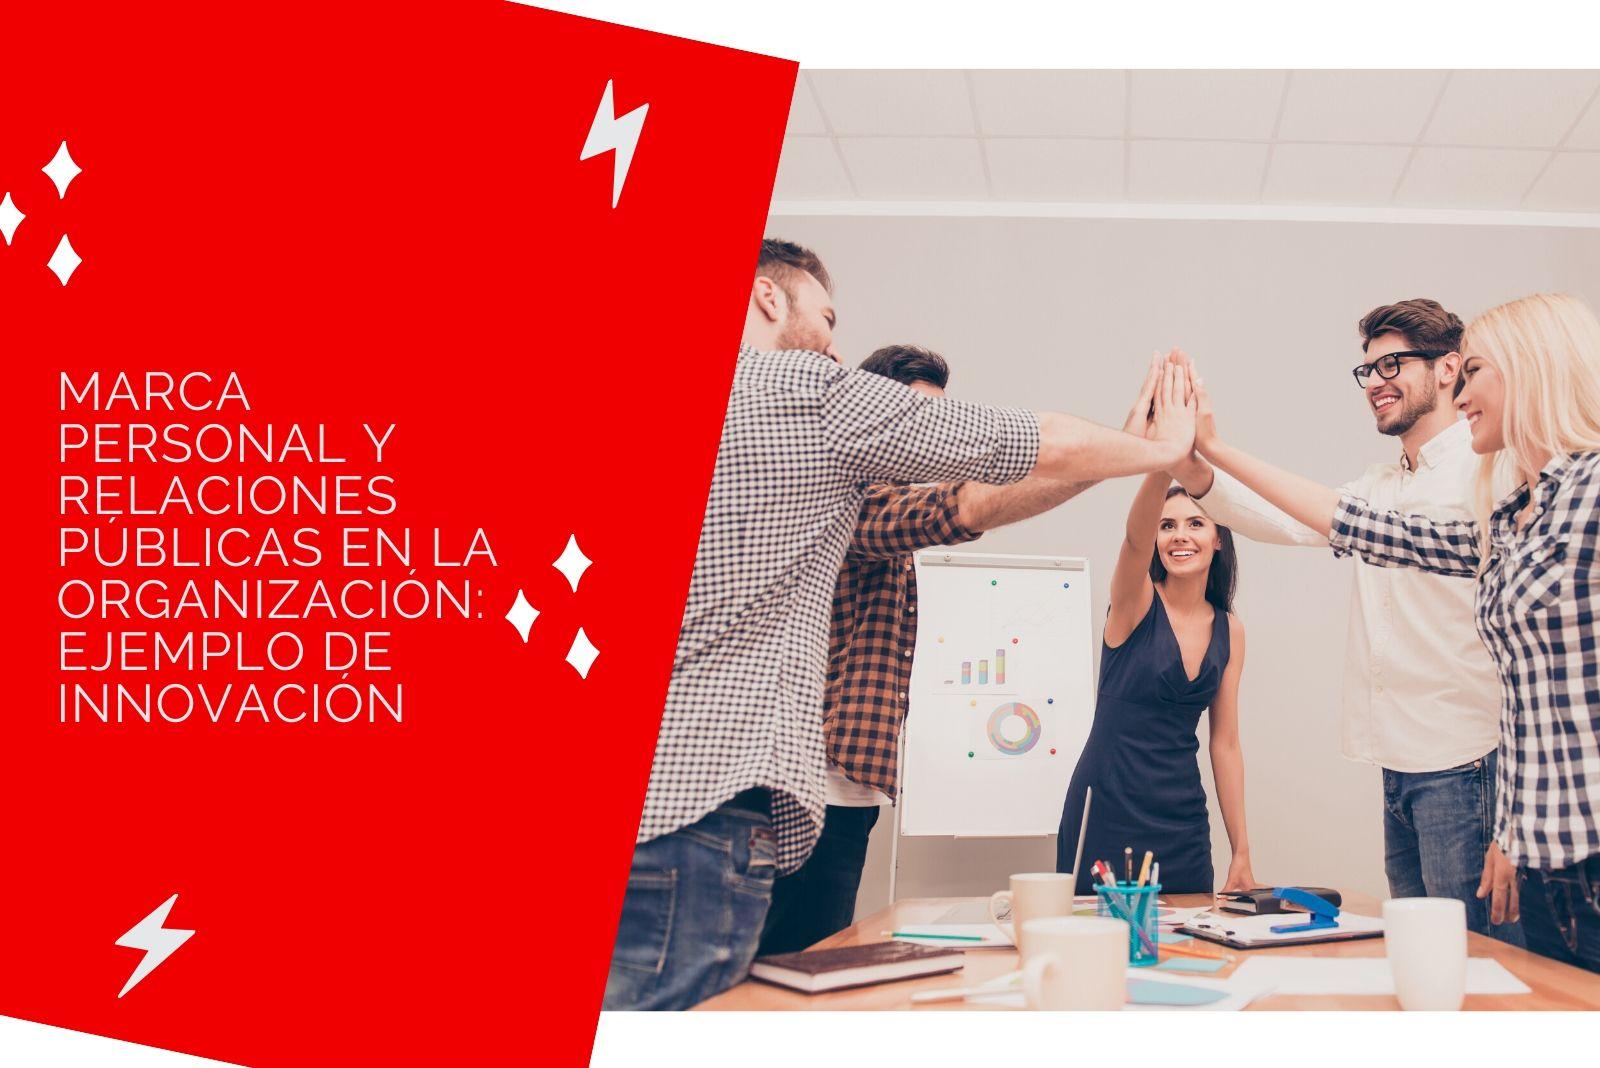 Hector Jimenez - Marca Personal Y Relaciones Públicas En La Organización - Ejemplo De Innovación 1